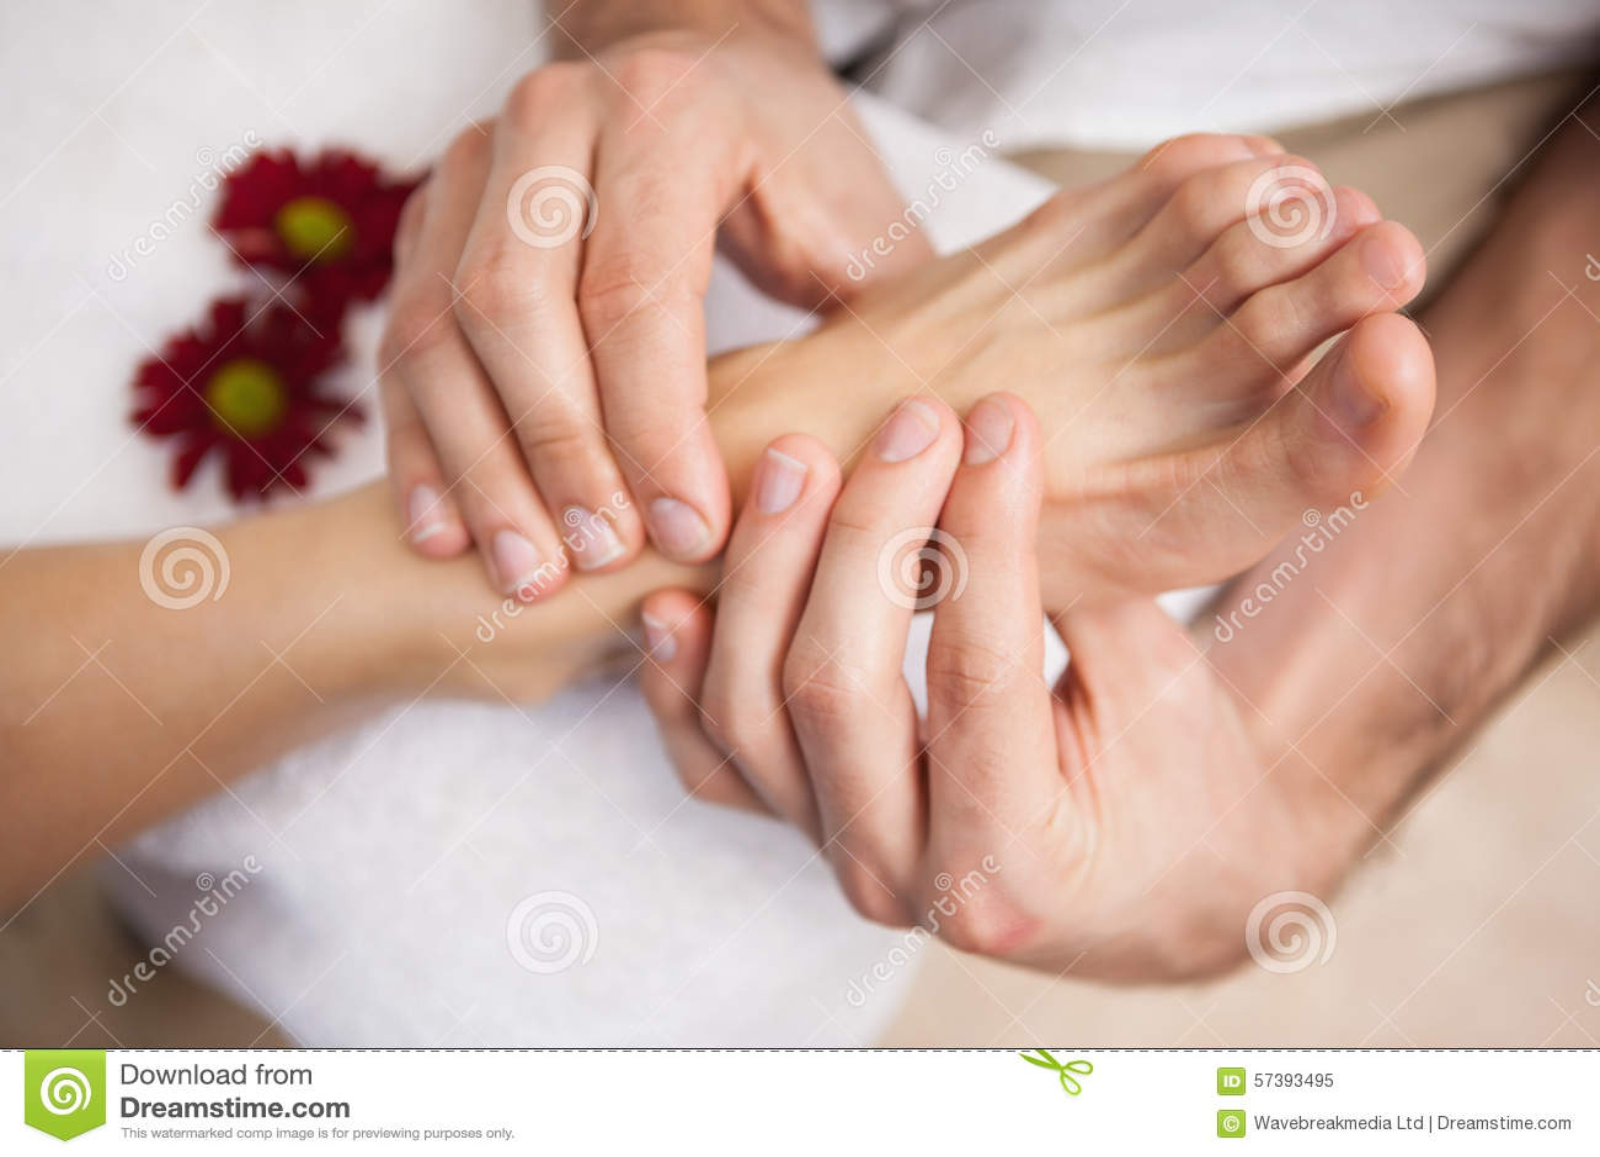 Pedicure die een klantenvoet masseren